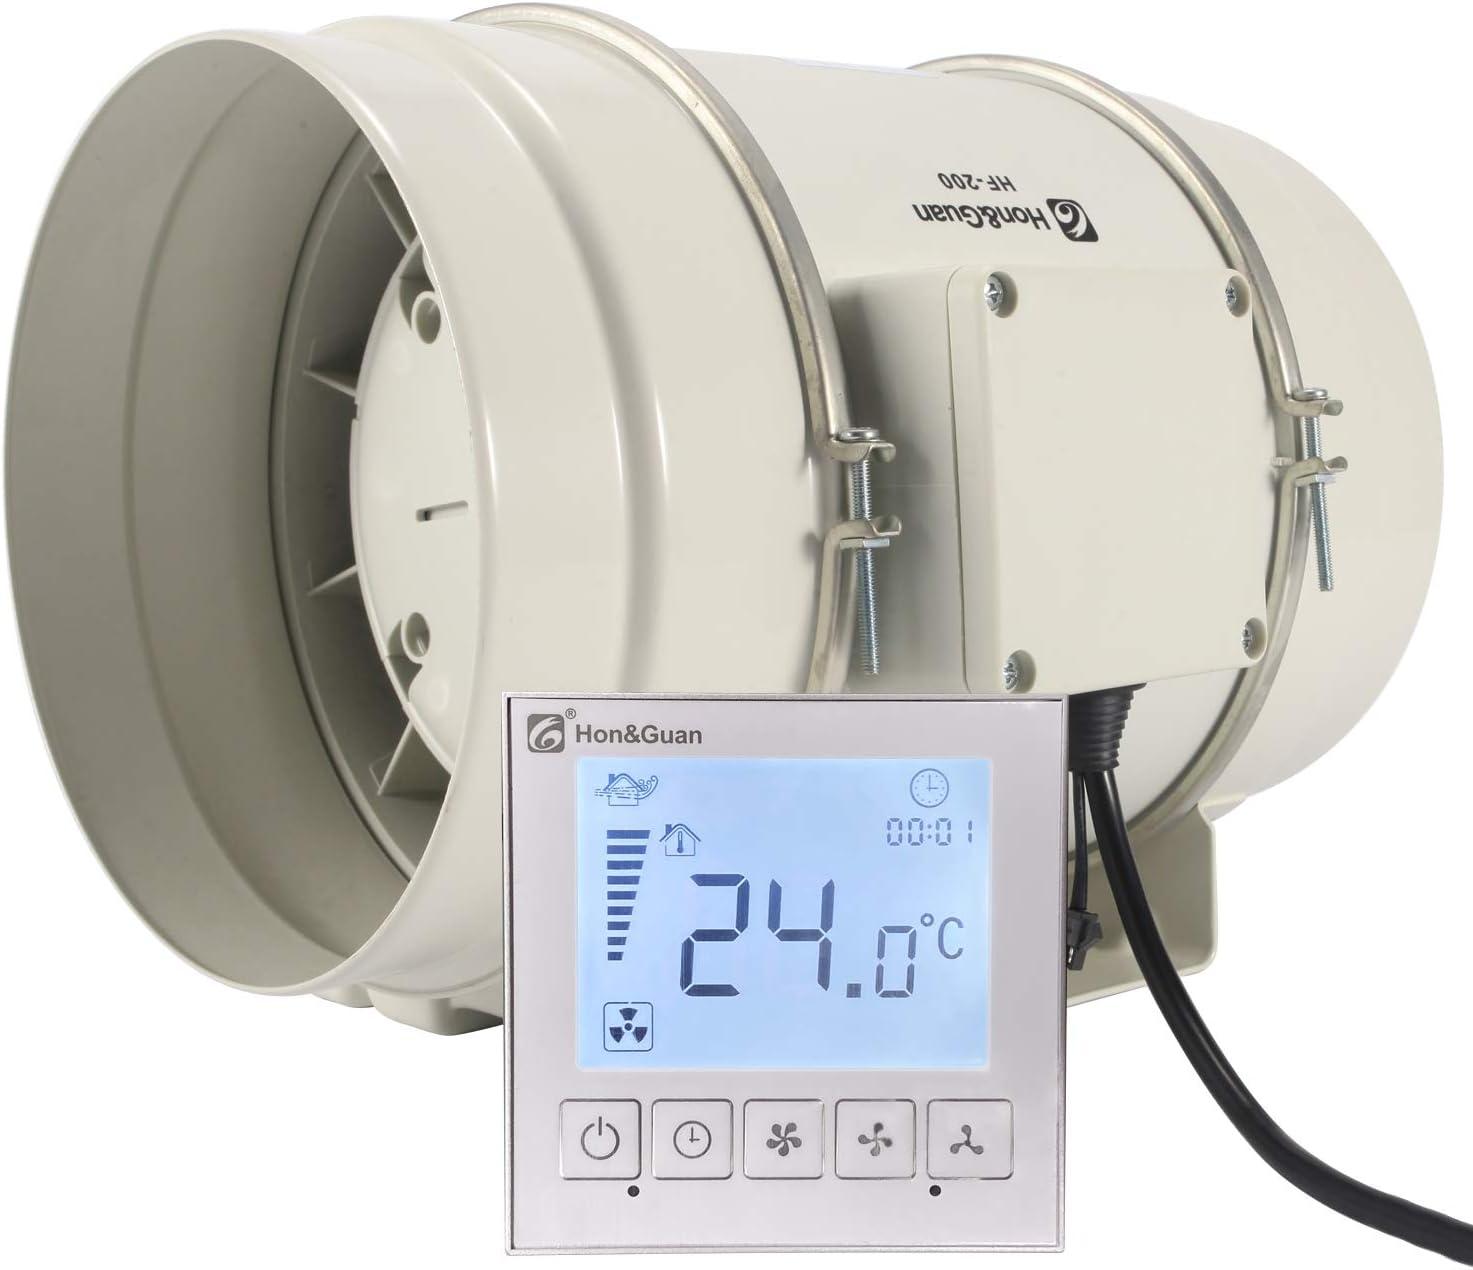 Hon&Guan ø200mm Ventilador Extractor de Aire con Temporizador y Controlador Inteligente, 840m³/h (ø200mm)